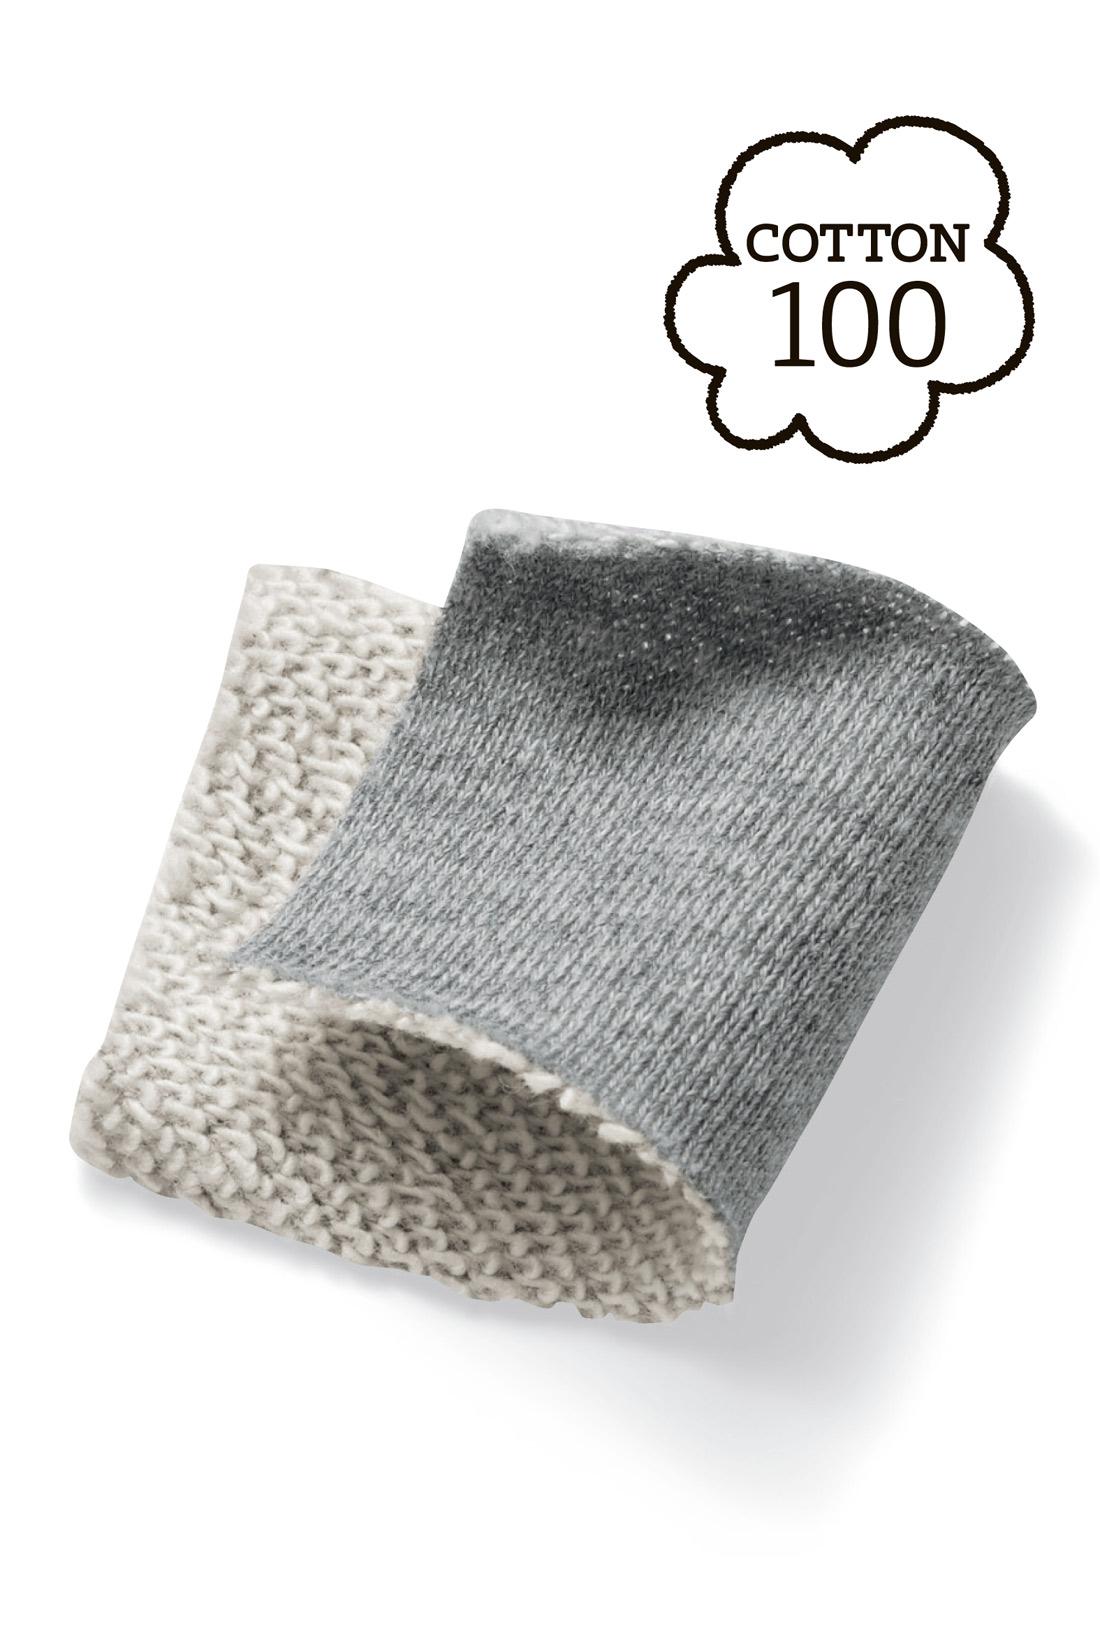 伸びやかで、着ぶくれしないほどよい厚みの綿100%ミニ裏毛素材。